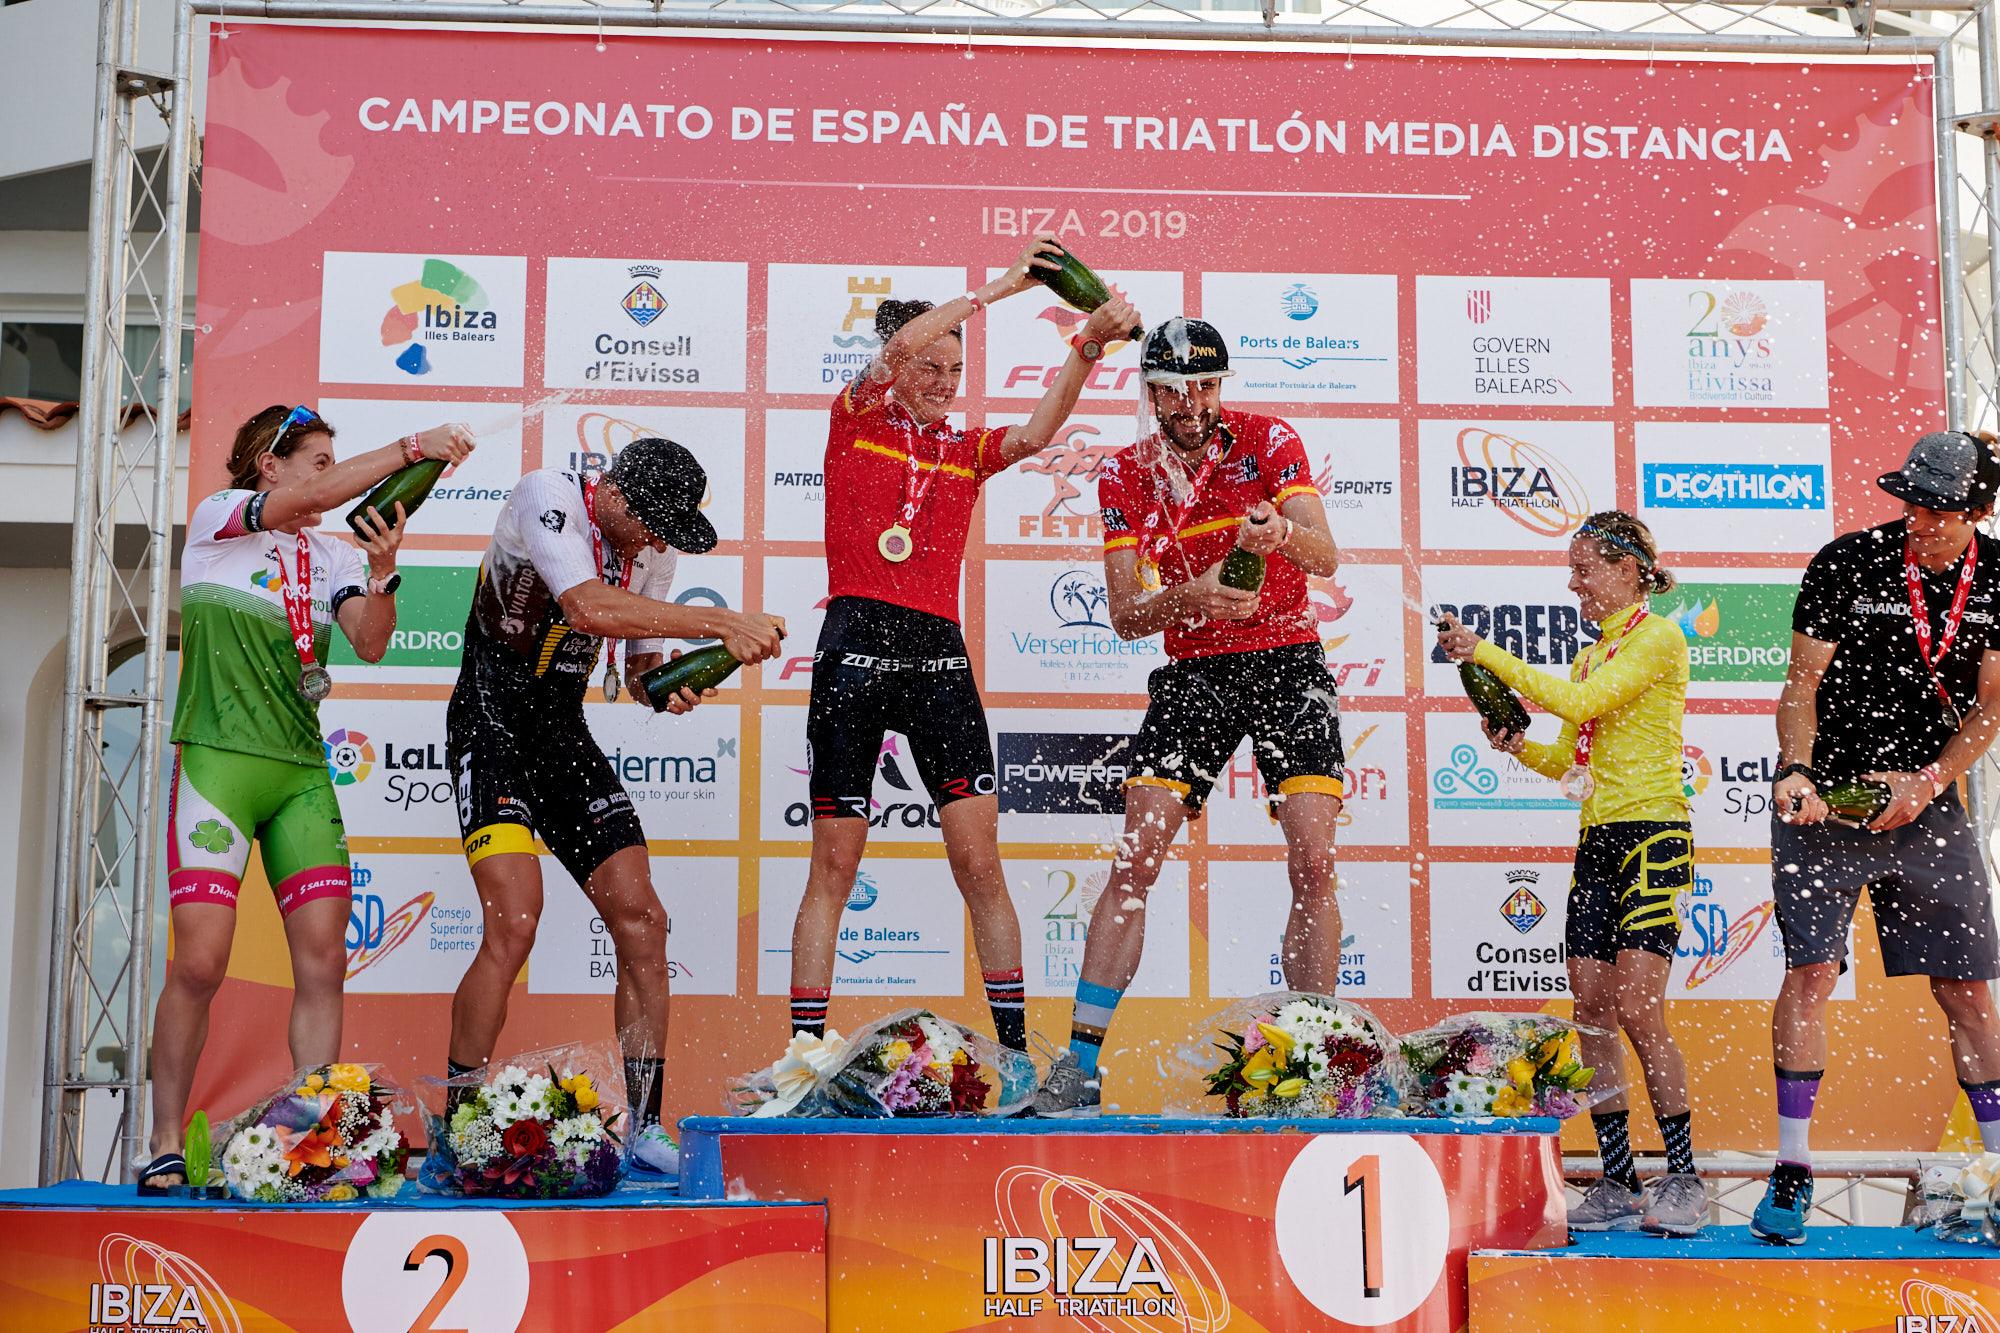 Helene Alberdi Y Ander Okamika Nuevos Campeones De España De Triatlón Media Distancia 2019